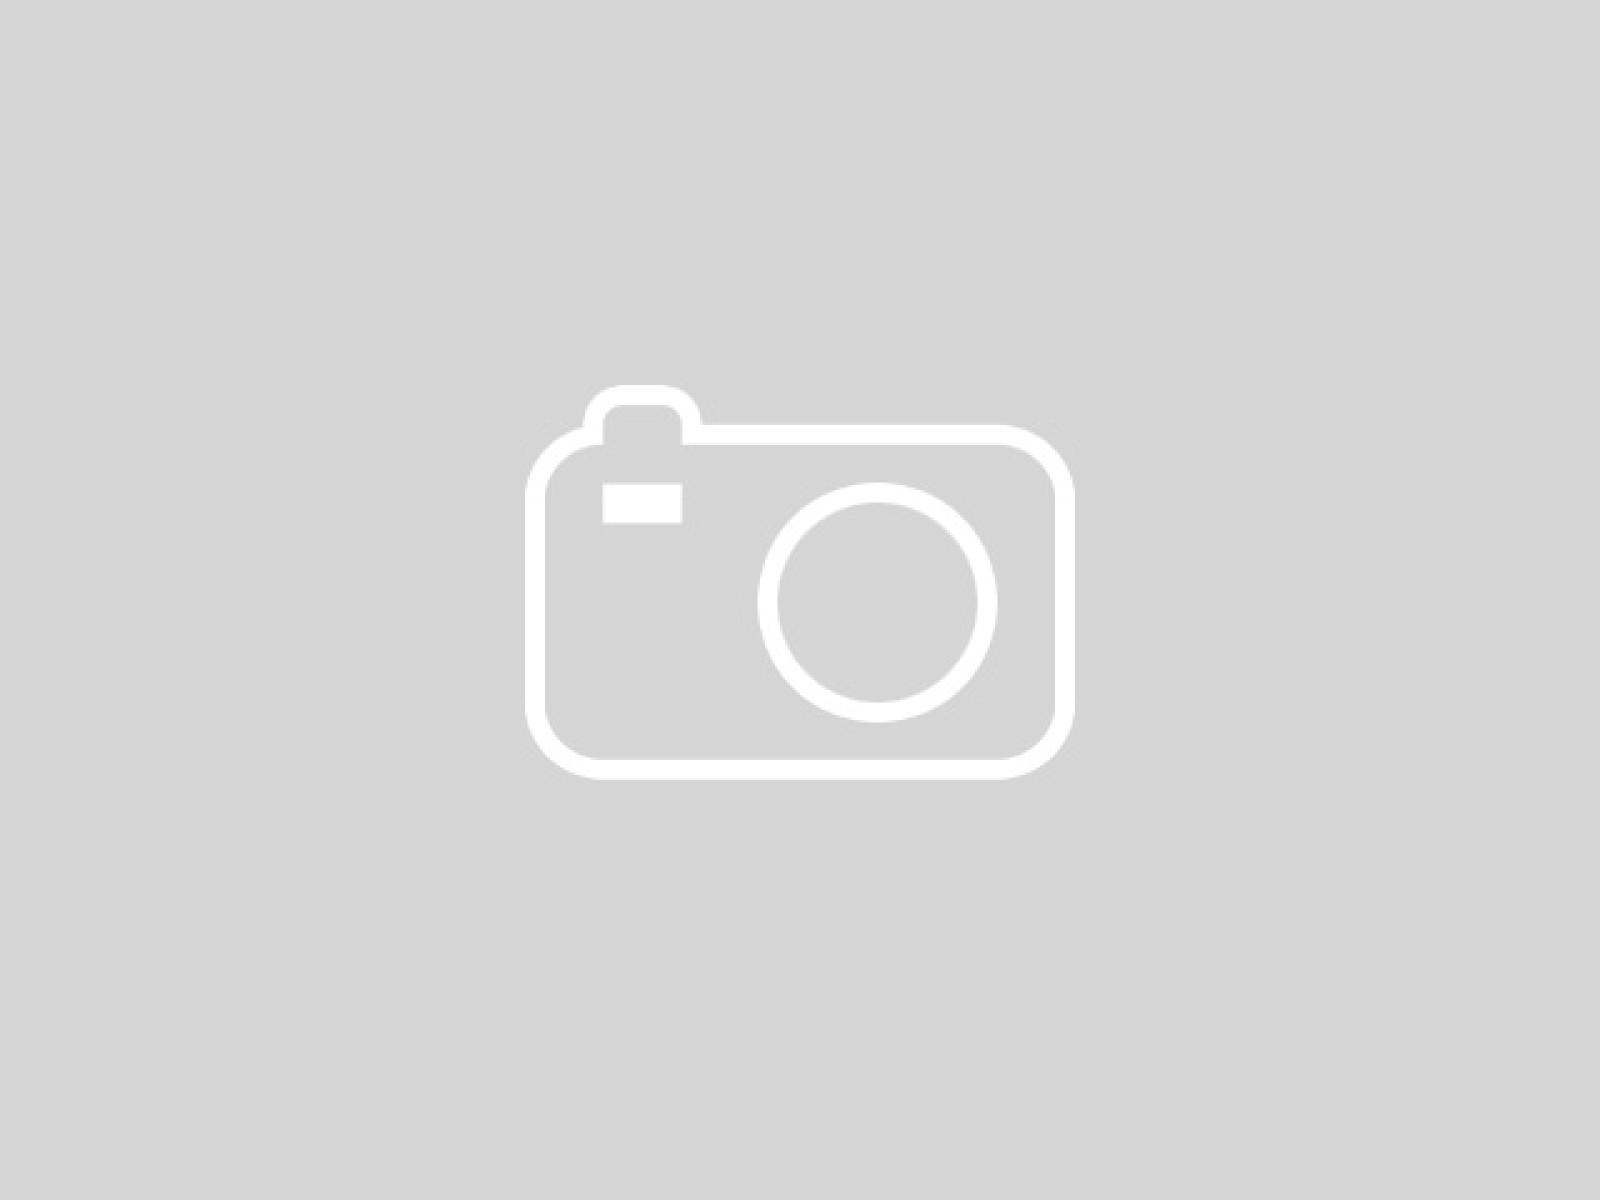 New 2022 Hyundai Kona 2.0L Preferred AWD